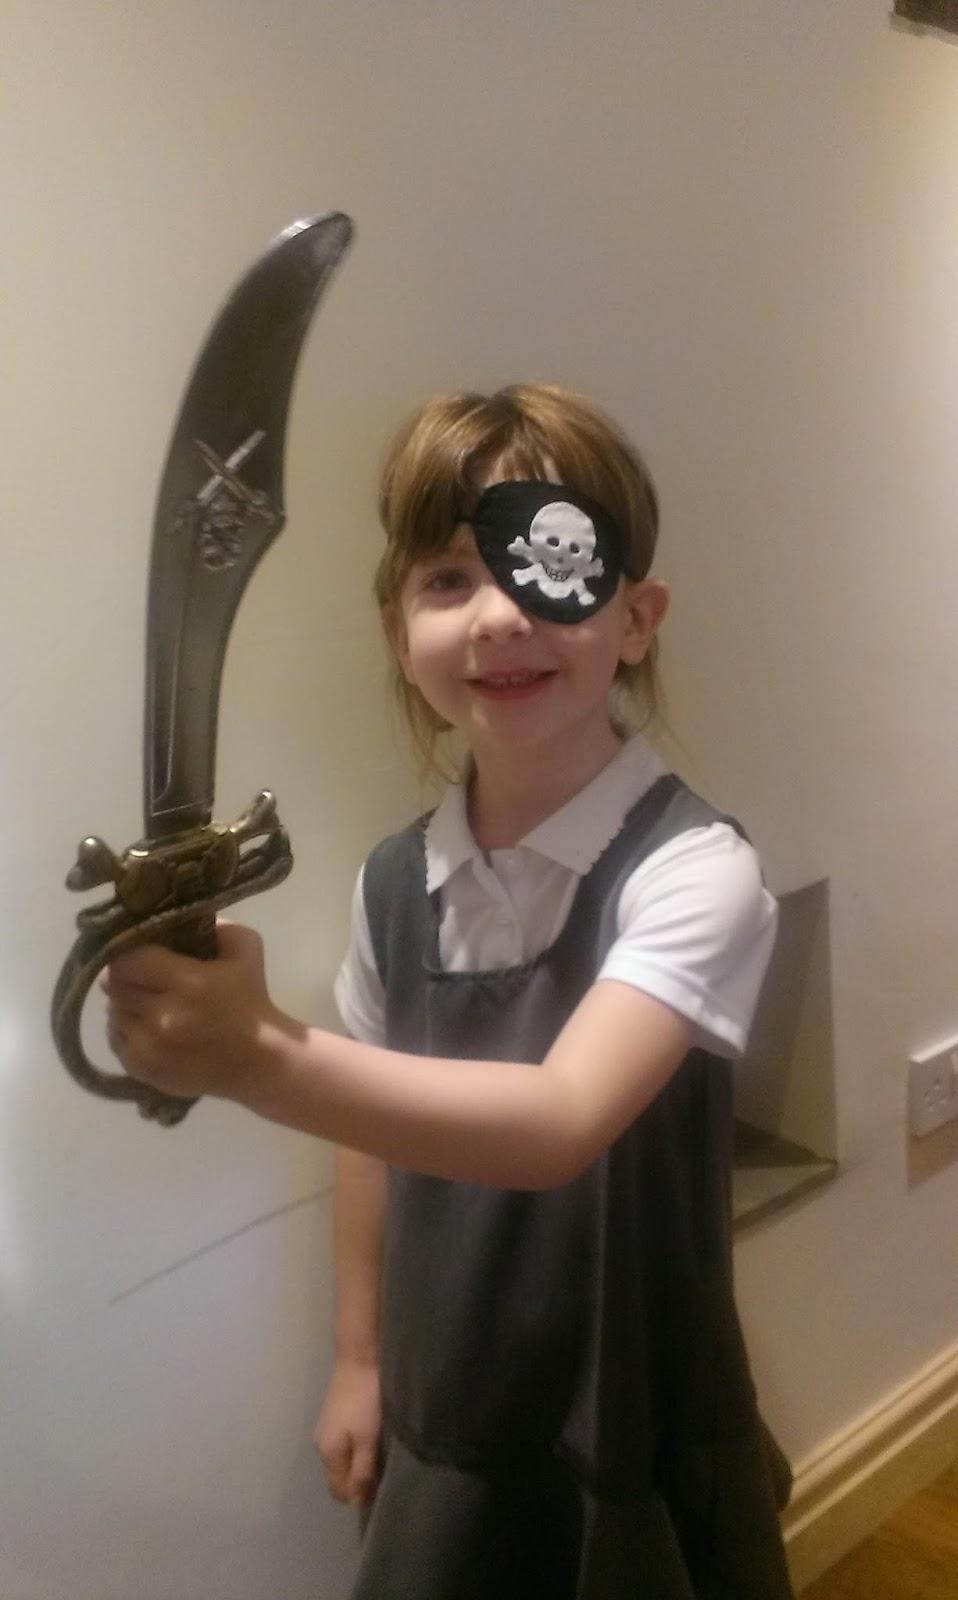 How To Make A Felt DIY Pirate Sword Tutorial